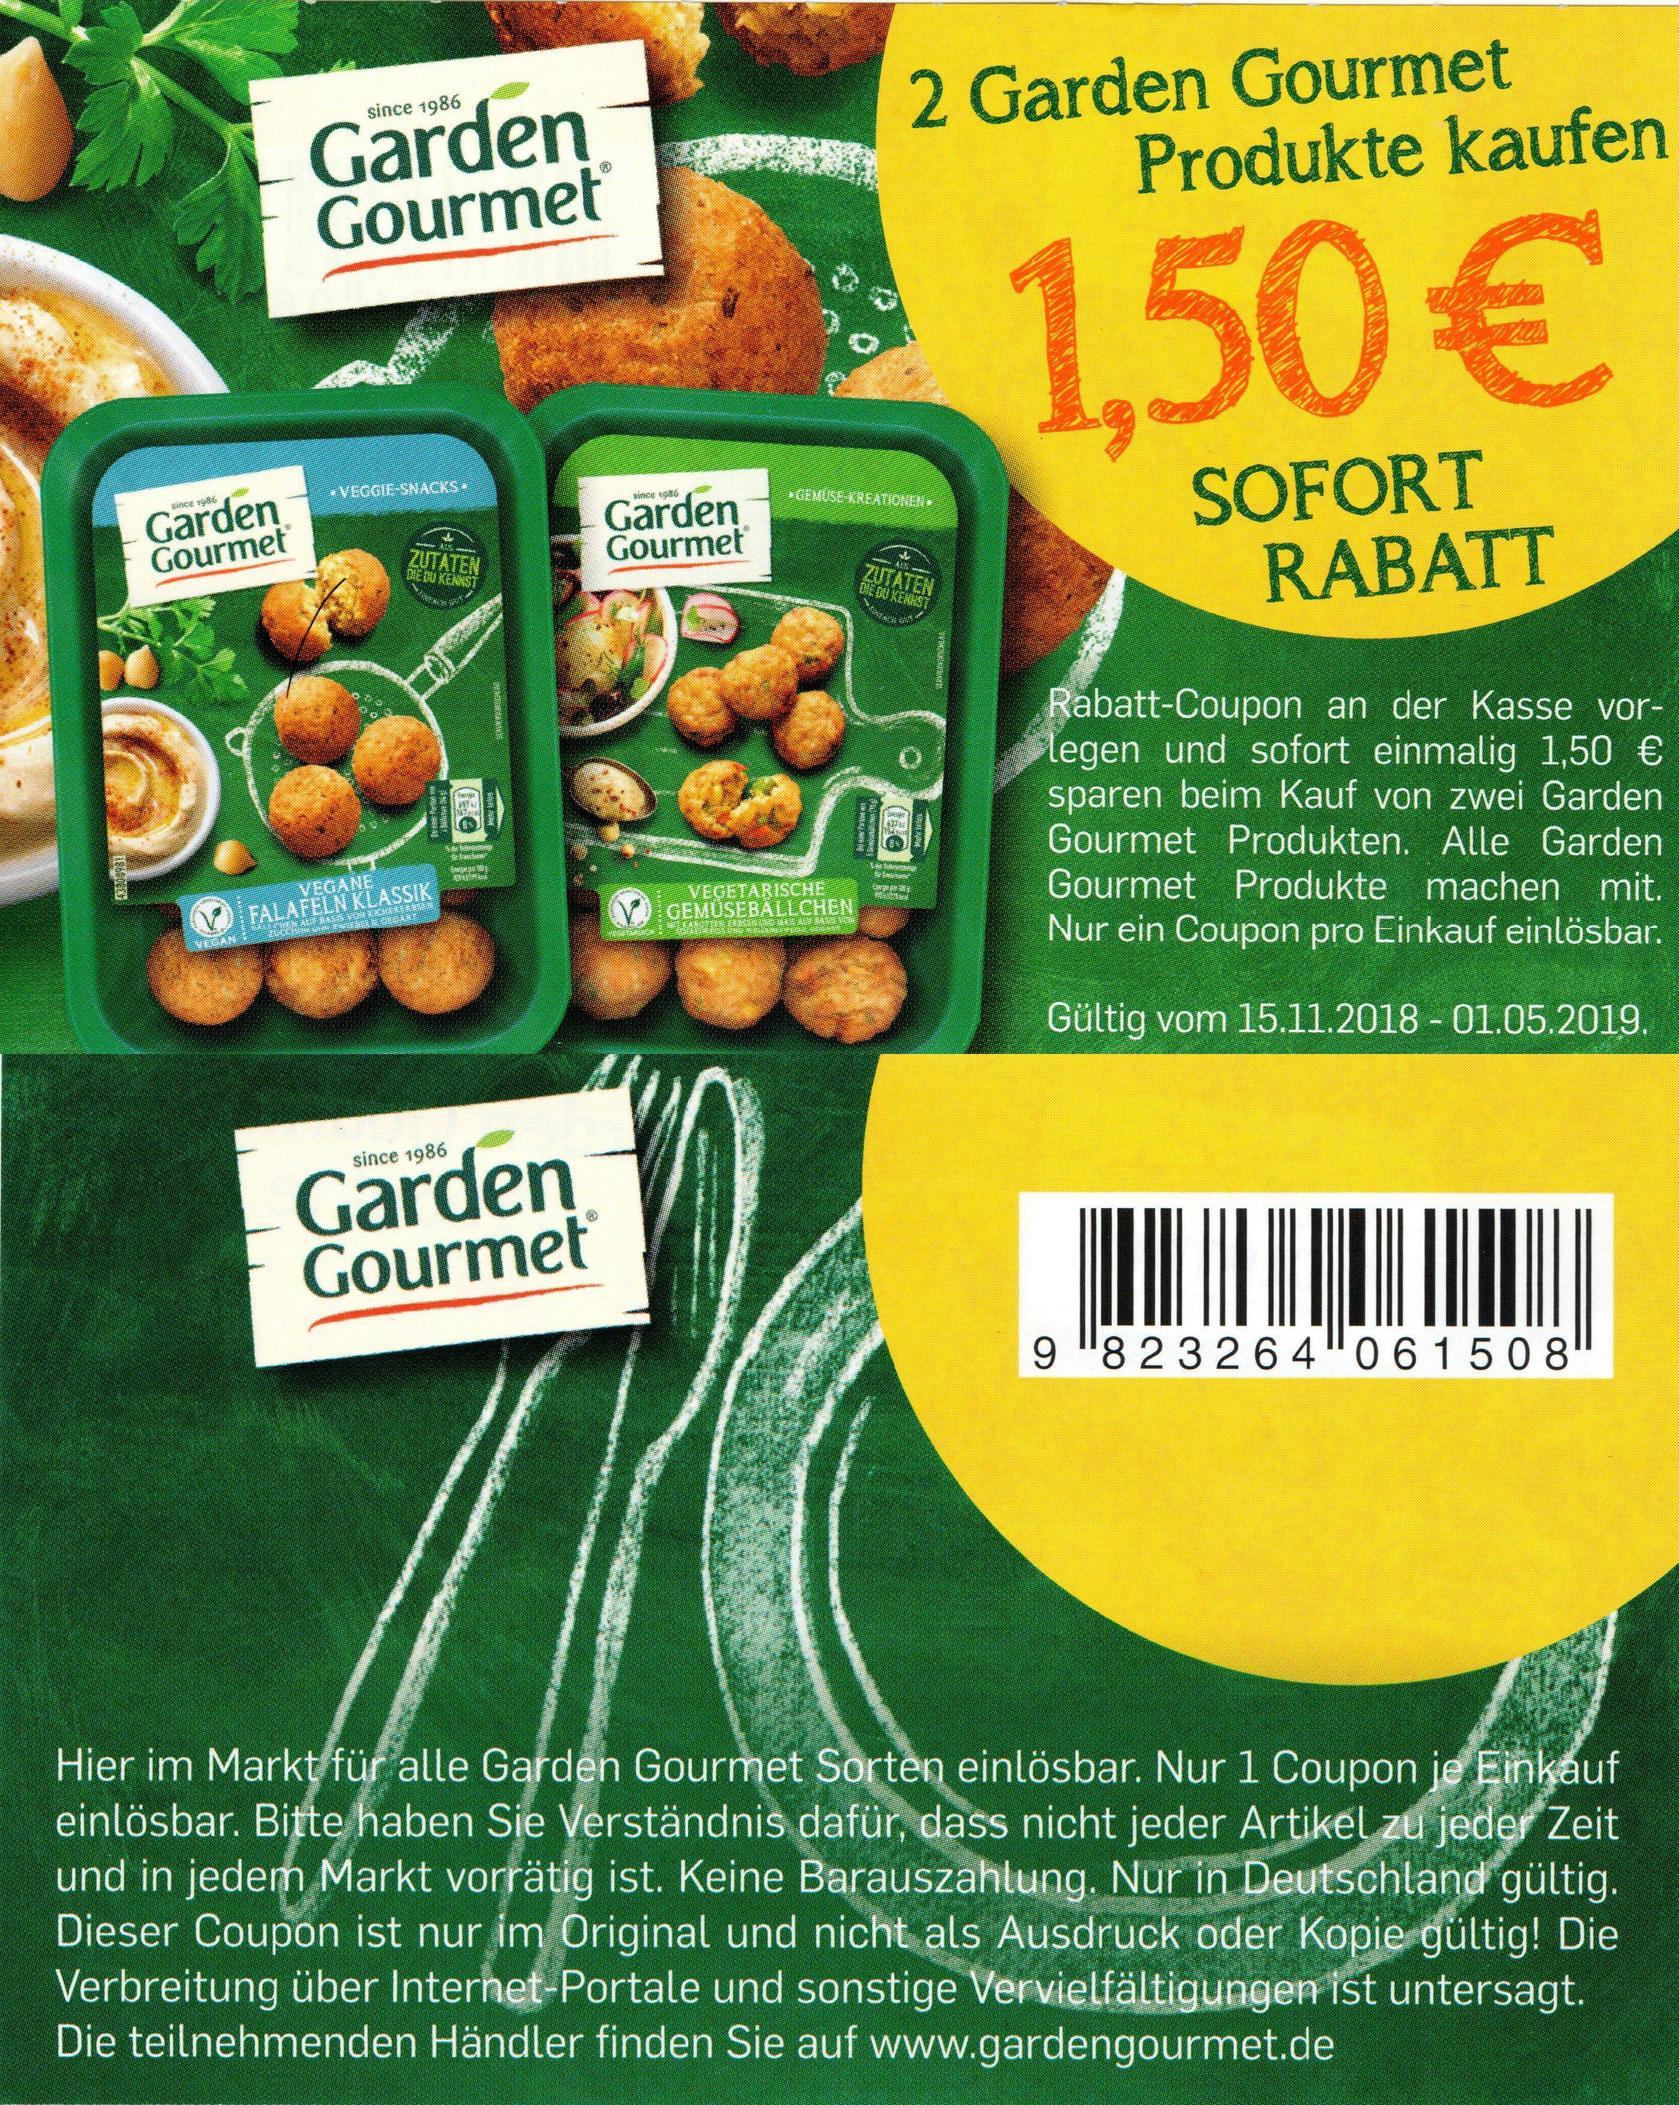 1,50€ Sofort-Rabatt Coupon für den Kauf von 2x Garden Gourmet Produkten (01.05.2019)